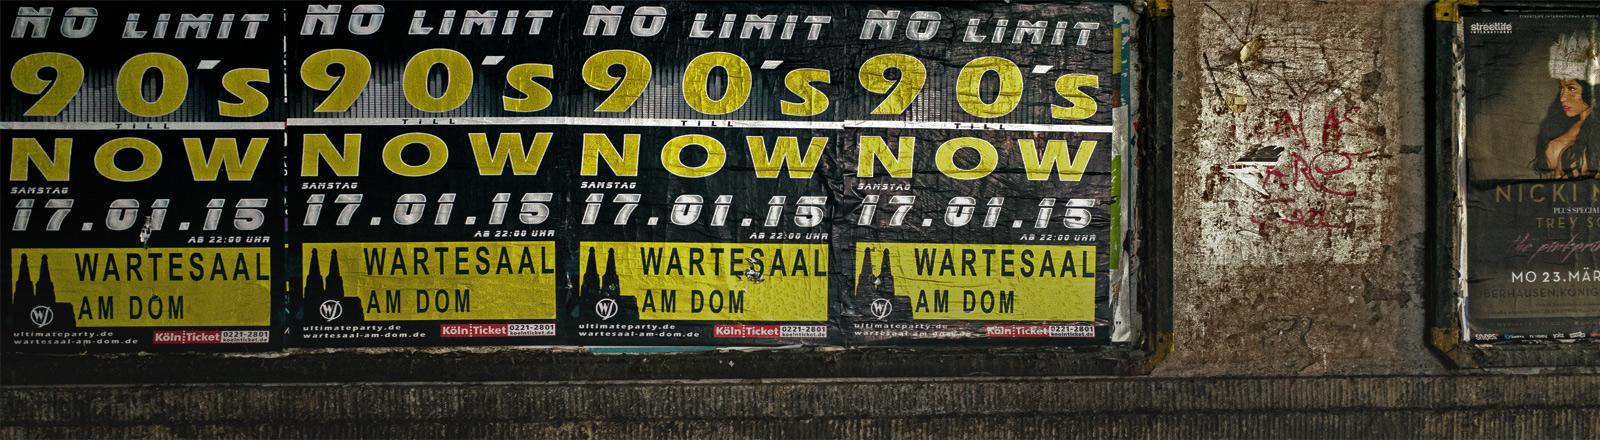 """Plakate, die eine 90er-Jahre-Party ankündigen mit dem Titel """"No Limit""""."""